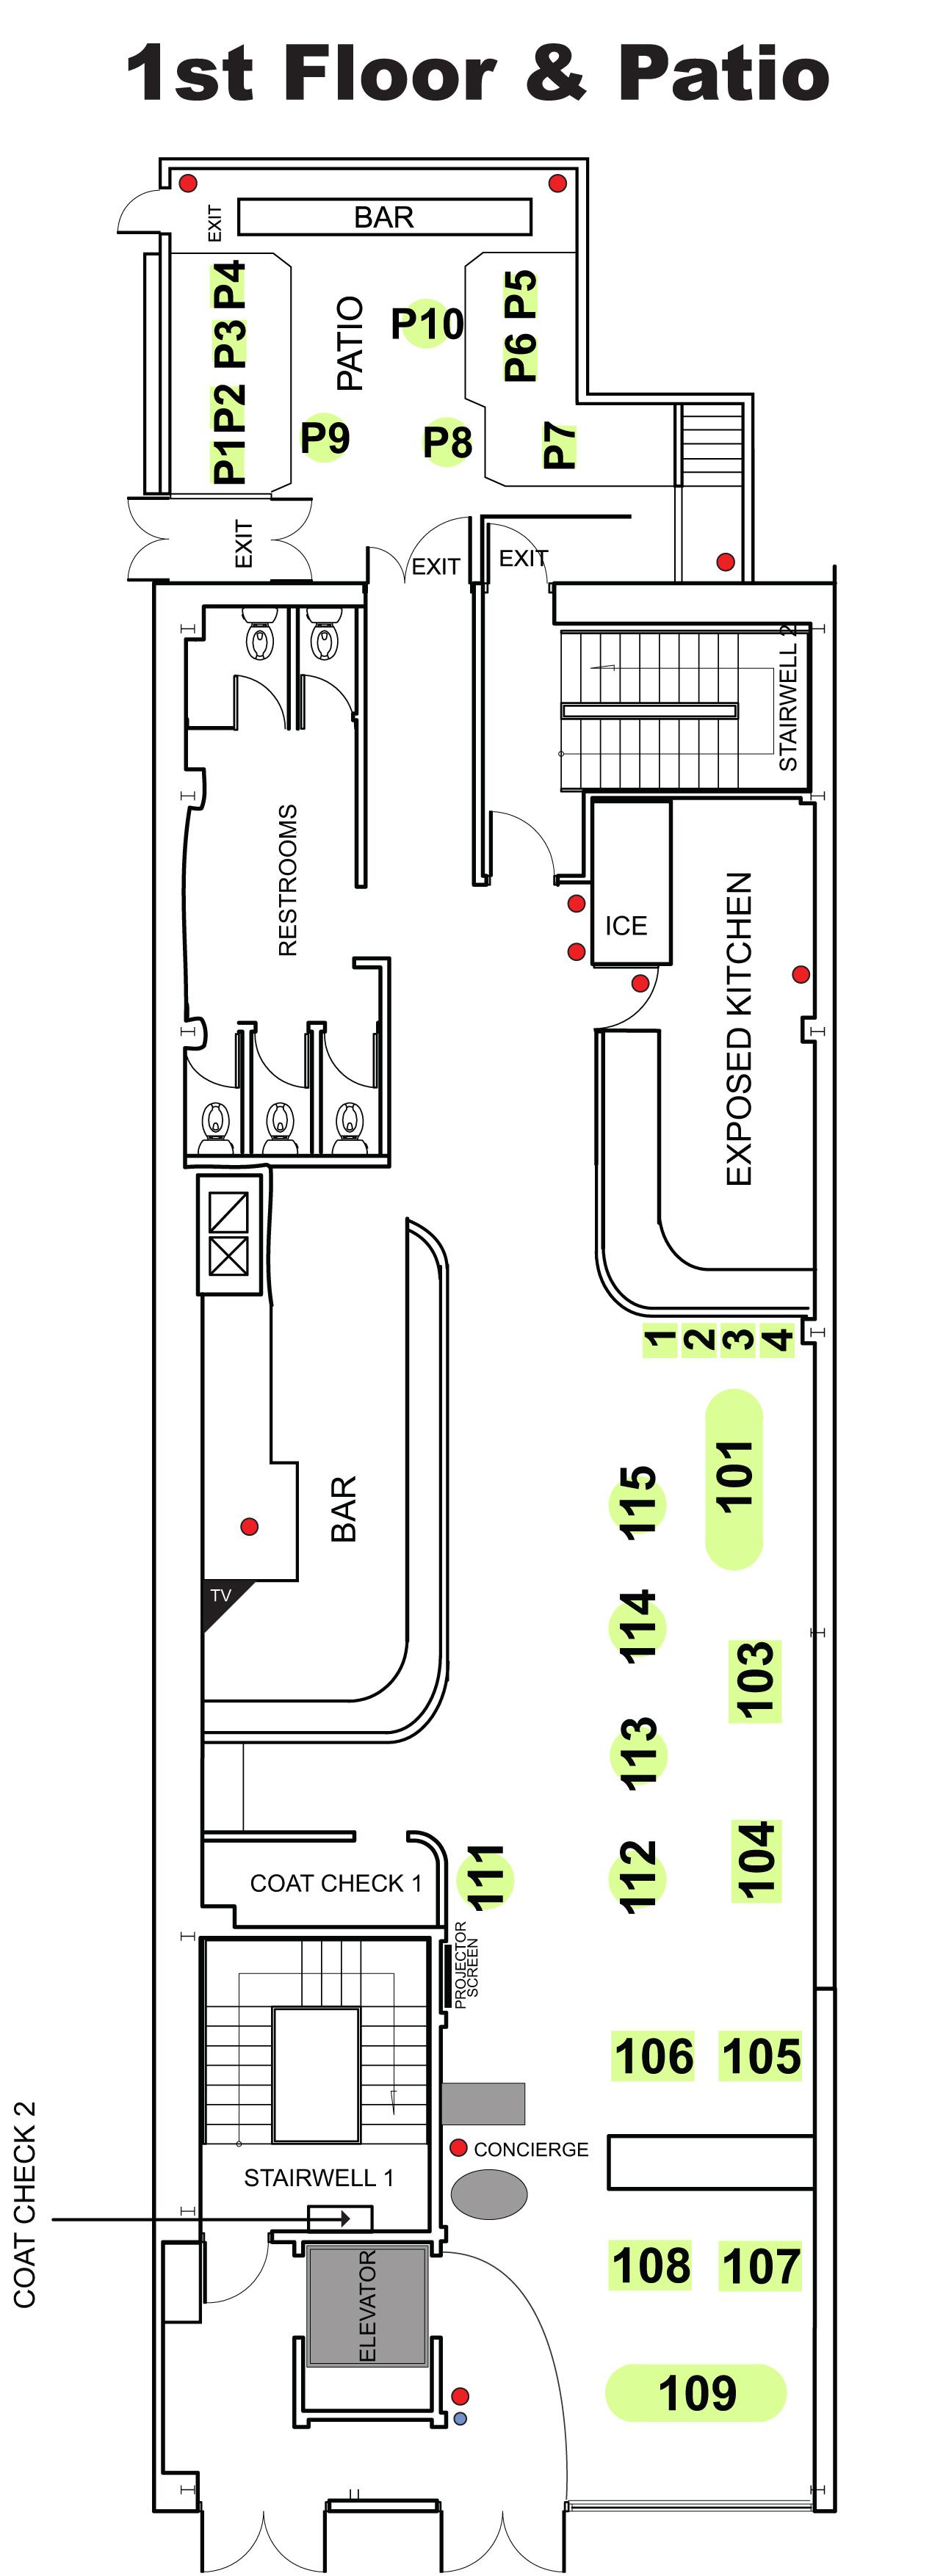 Dinner Floor Plan June 2018 v2-1.jpg